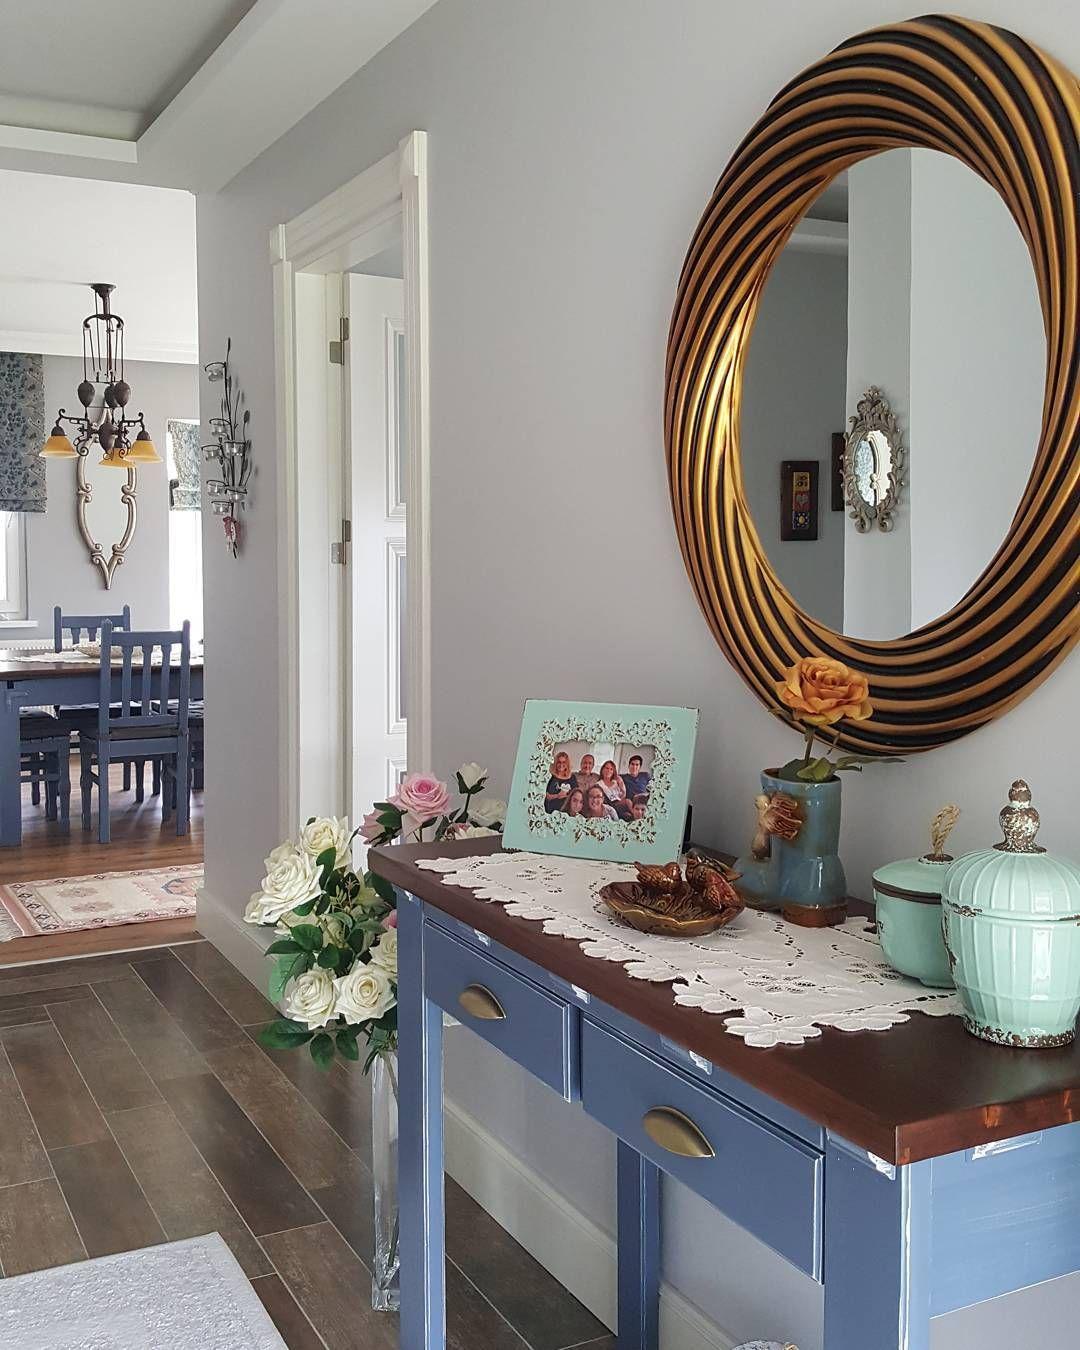 jotun, gri boya   Duvar renkleri   Pinterest